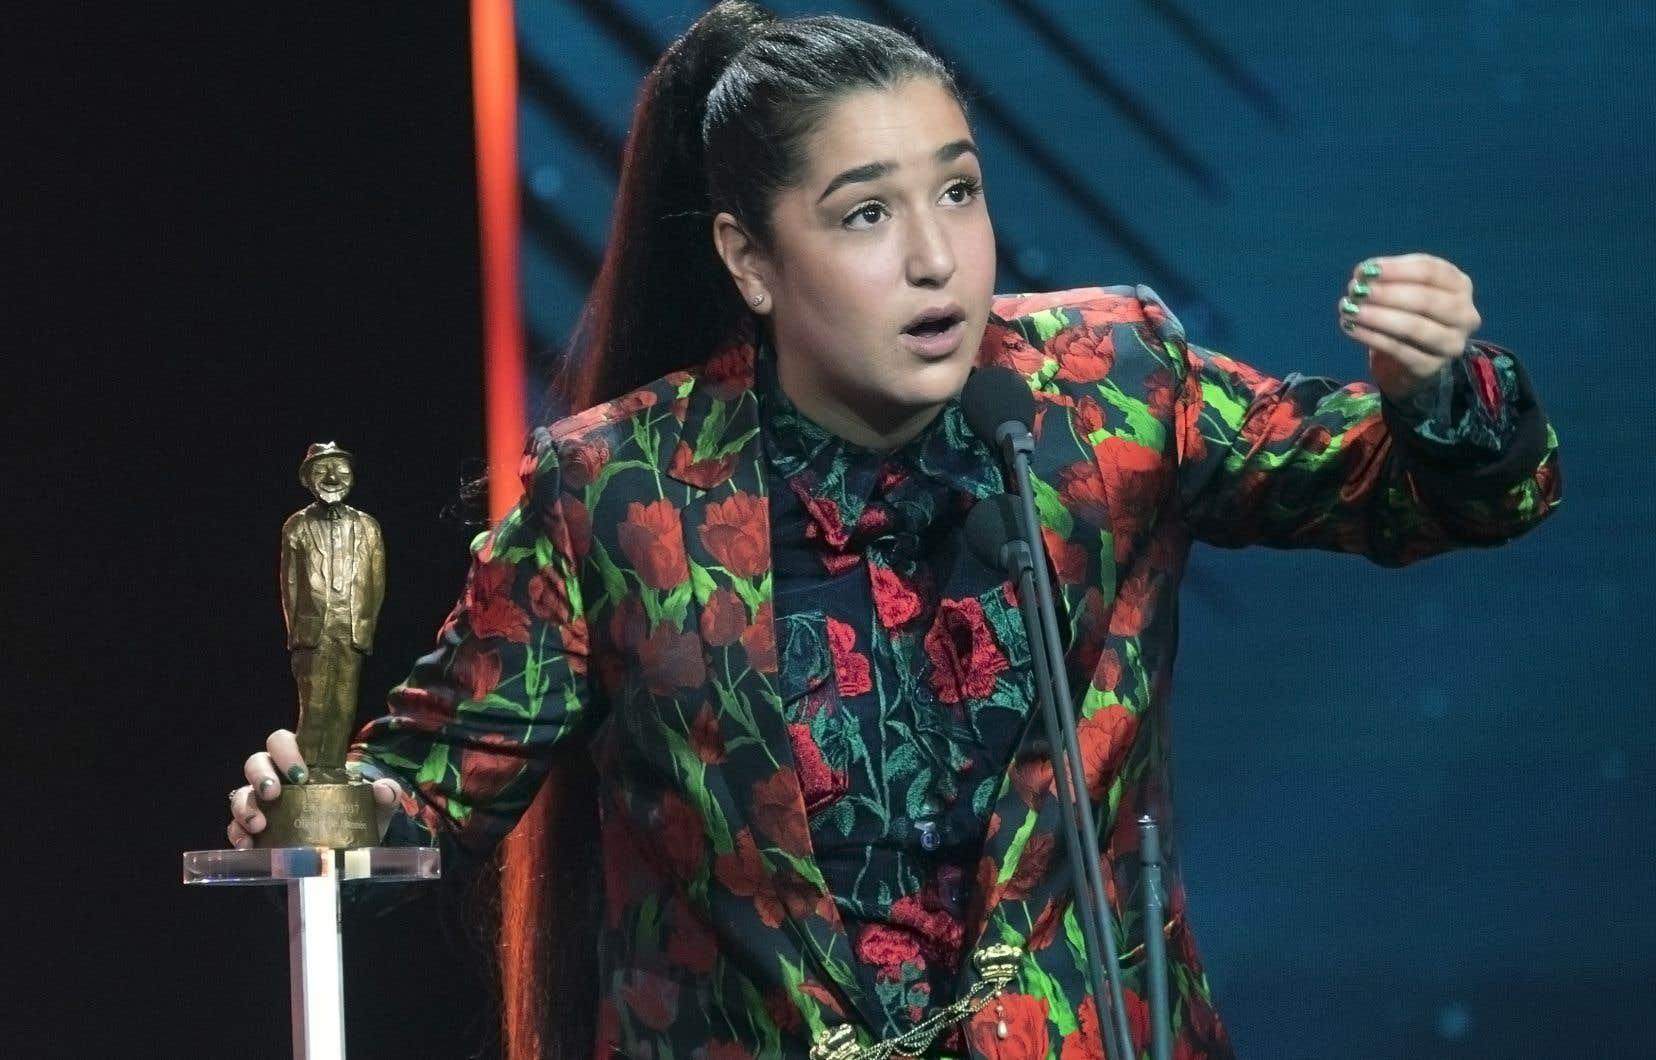 En nomination pour cinq prix, Mariana Mazza a dû attendre à la toute fin de la soirée pour remporter un Olivier, mais non le moindre.